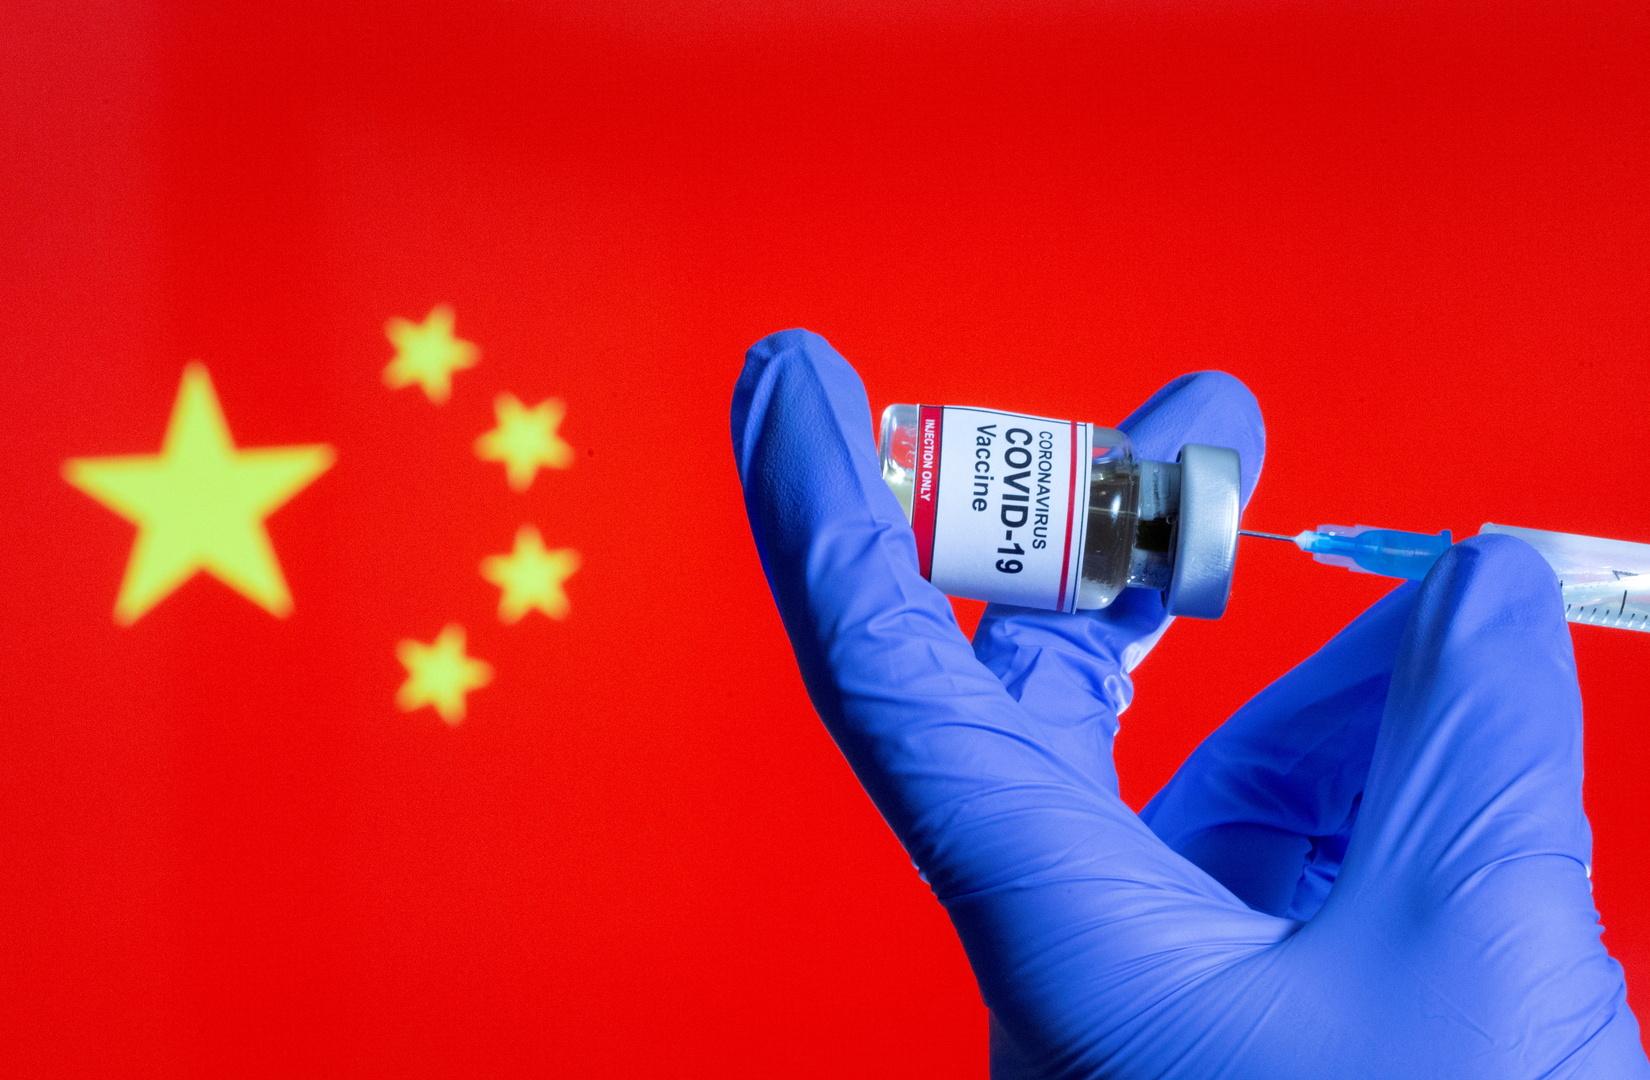 الصين تلقح 12.4 مليون شخص ضد كورونا خلال 24 ساعة